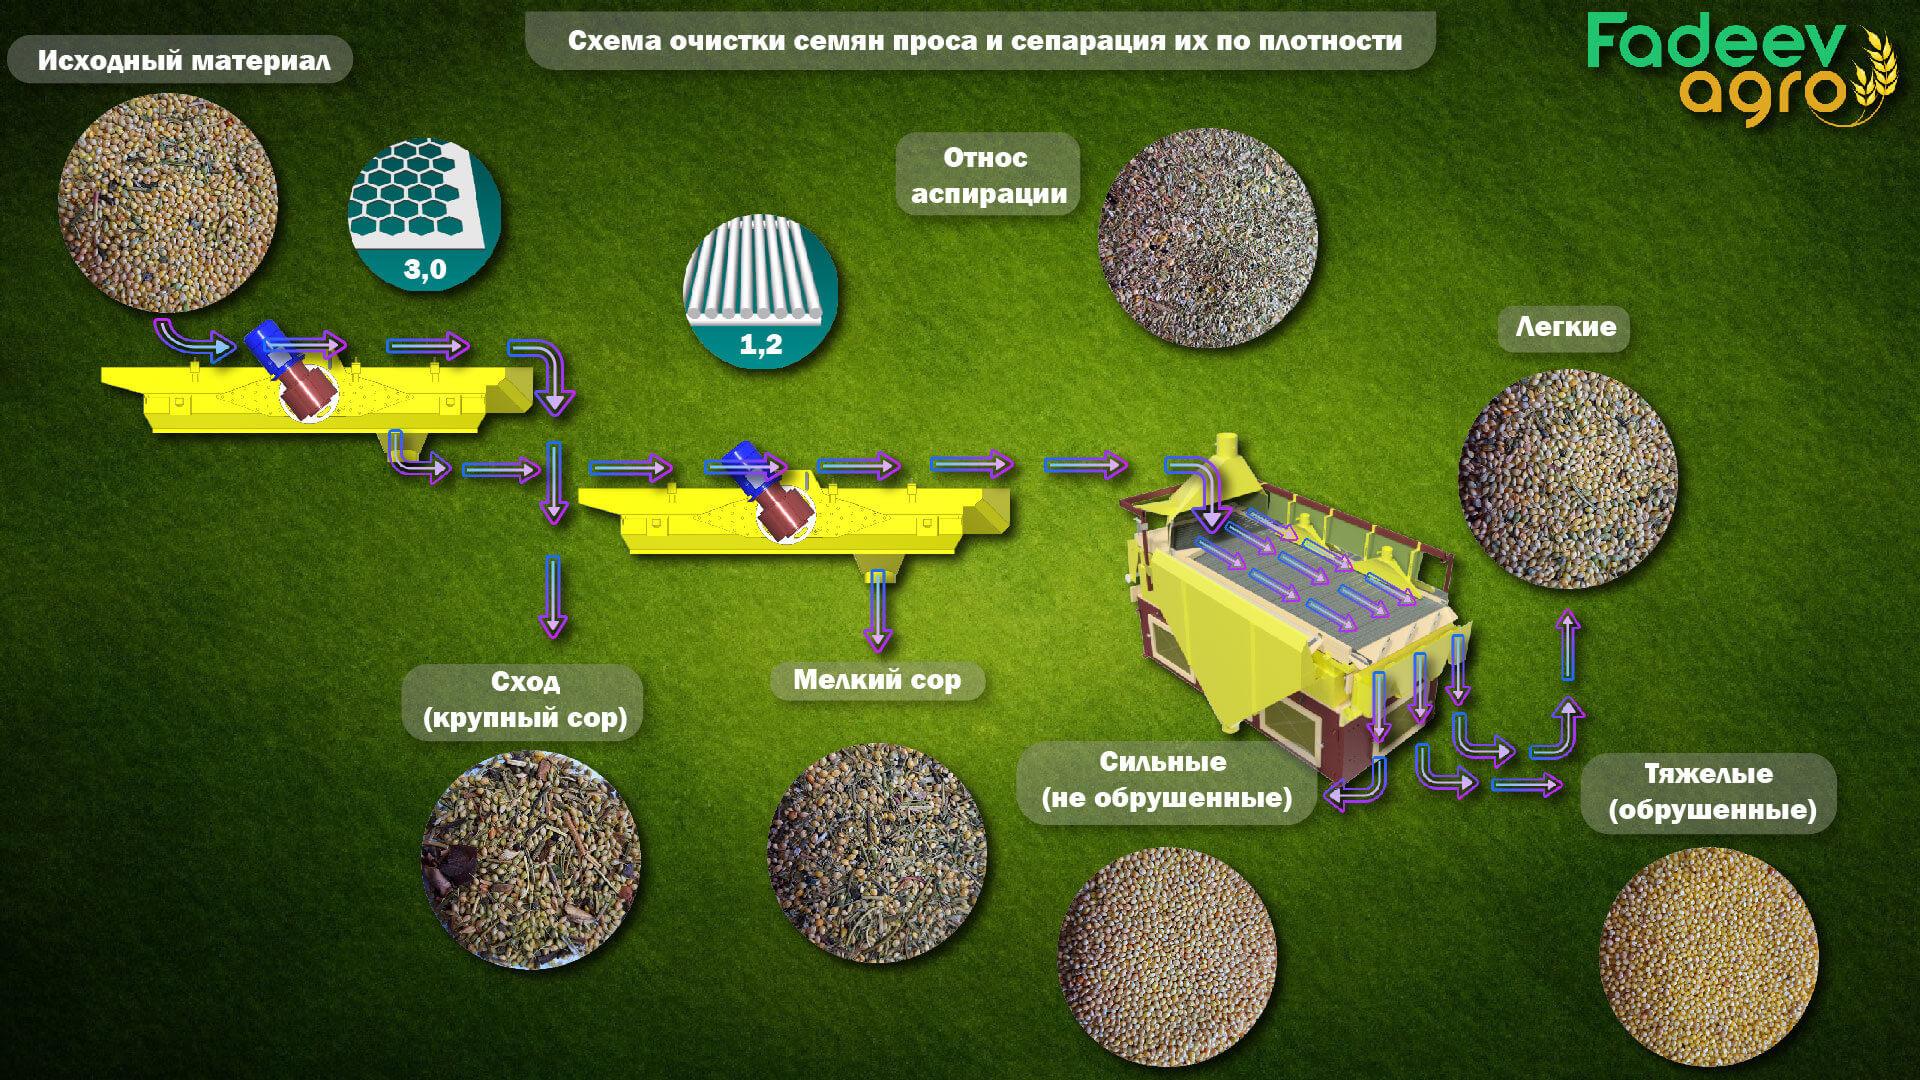 Схема очистки семян проса и сепарация их по плотности